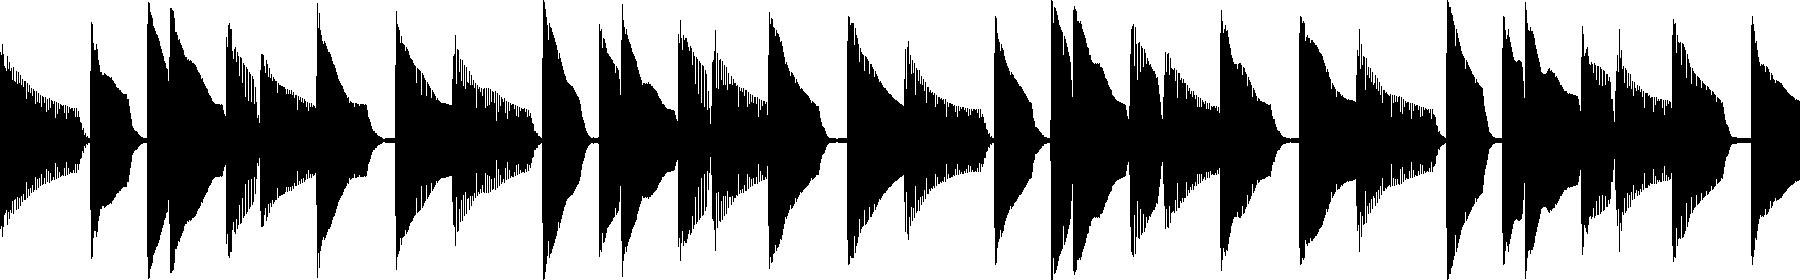 vedh melodyloop 099 gm 122bpm